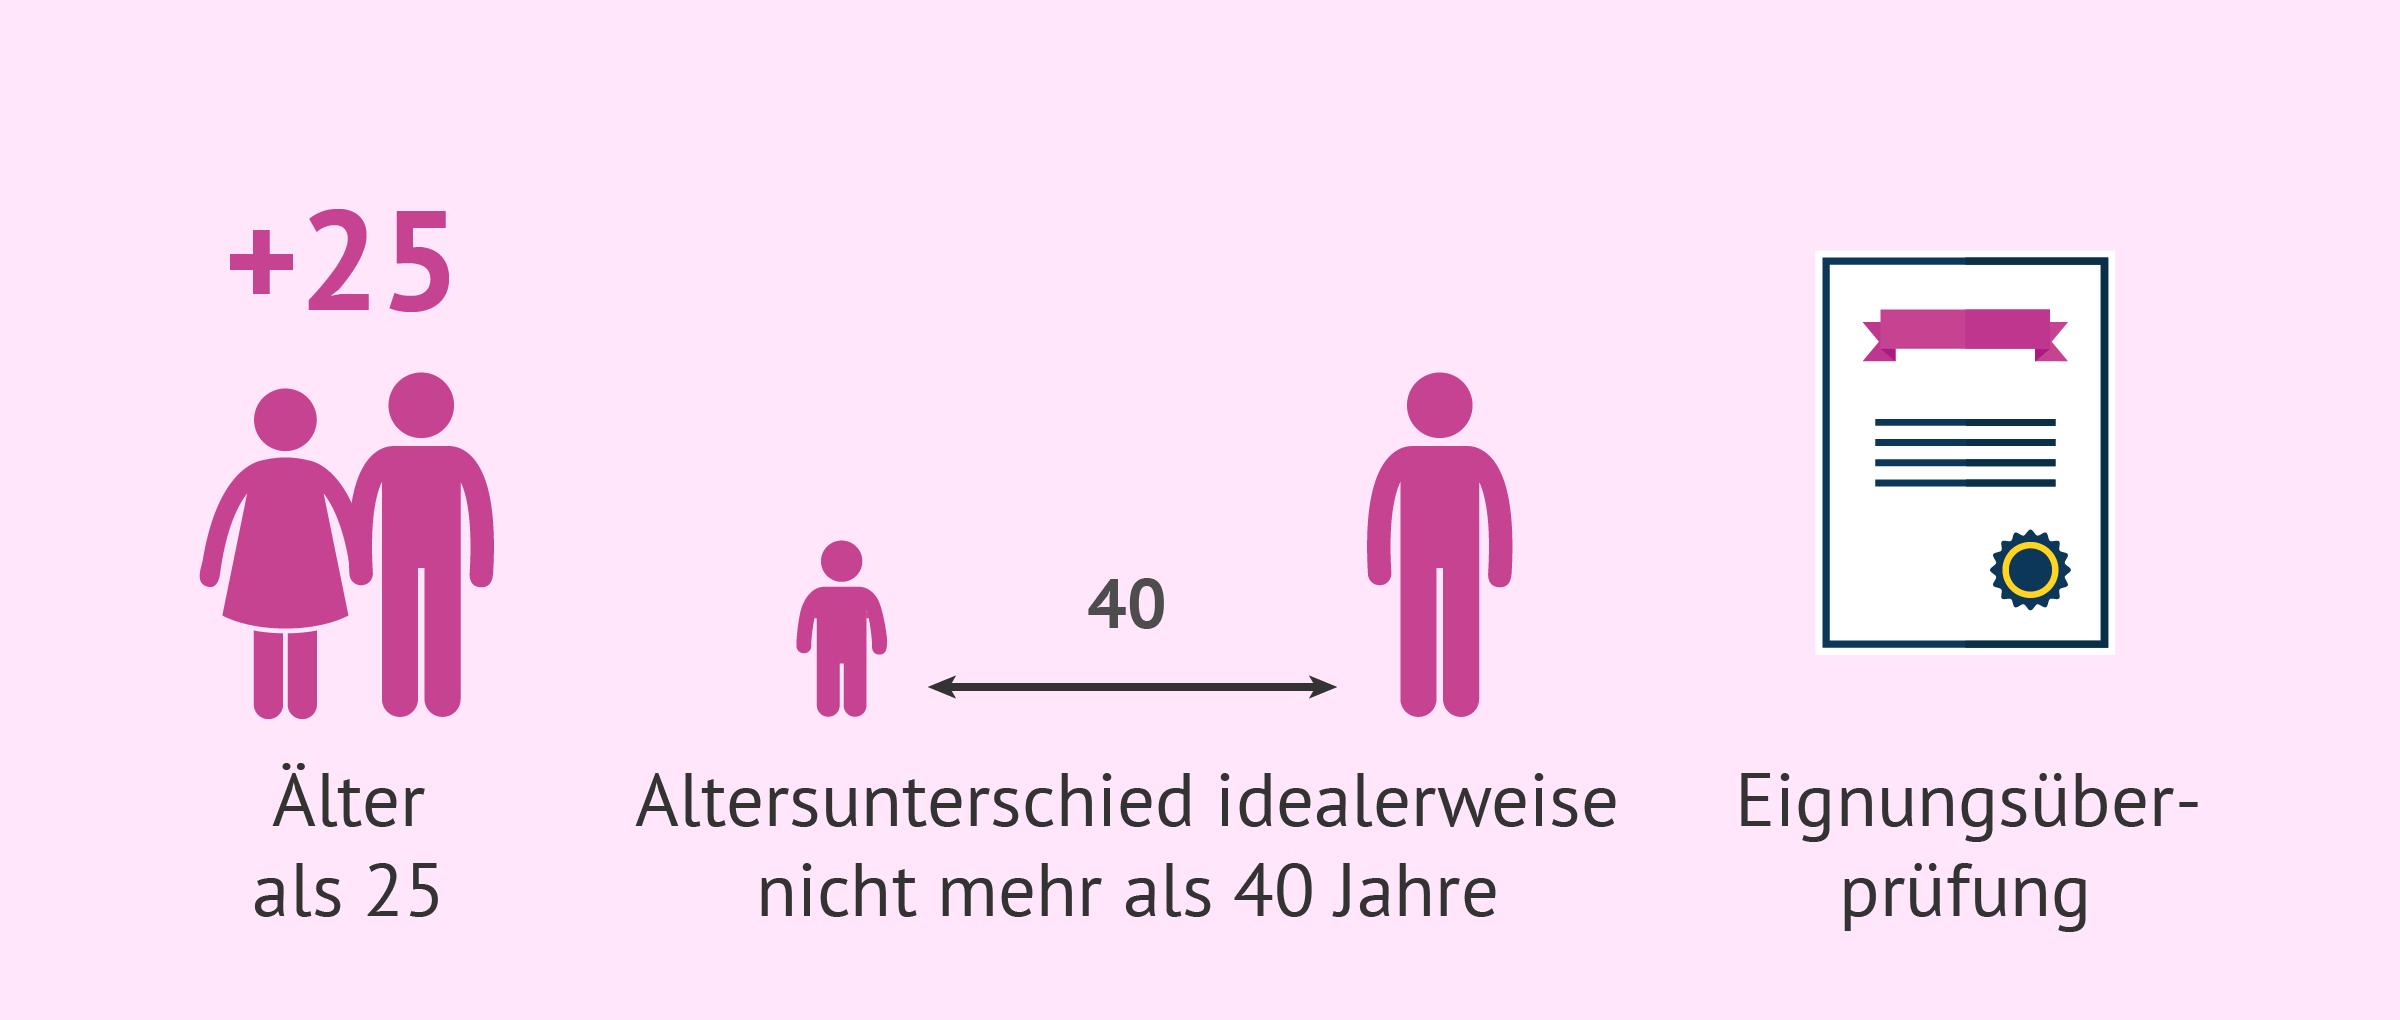 Inlandsadoption in Deutschland: Anforderungen, Dauer und Ablauf